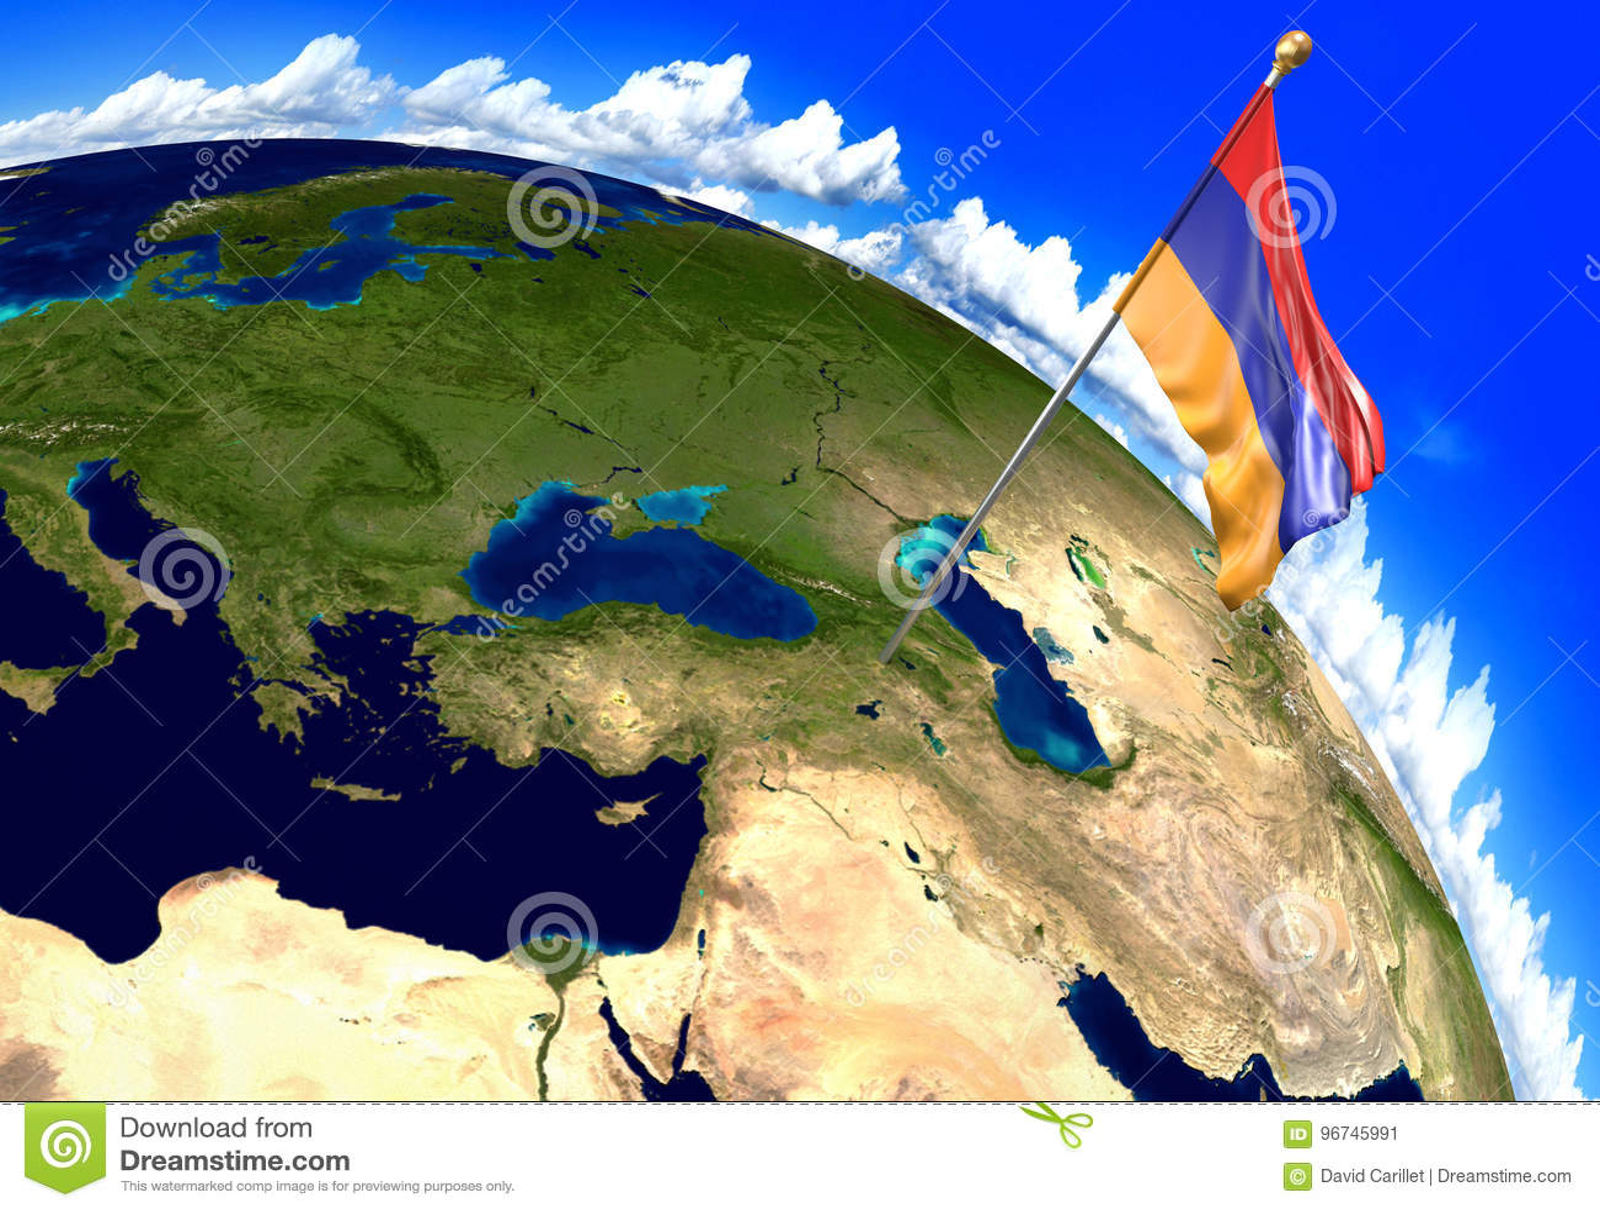 Drapeau national de l Arménie marquant l emplacement de pays sur la carte du monde